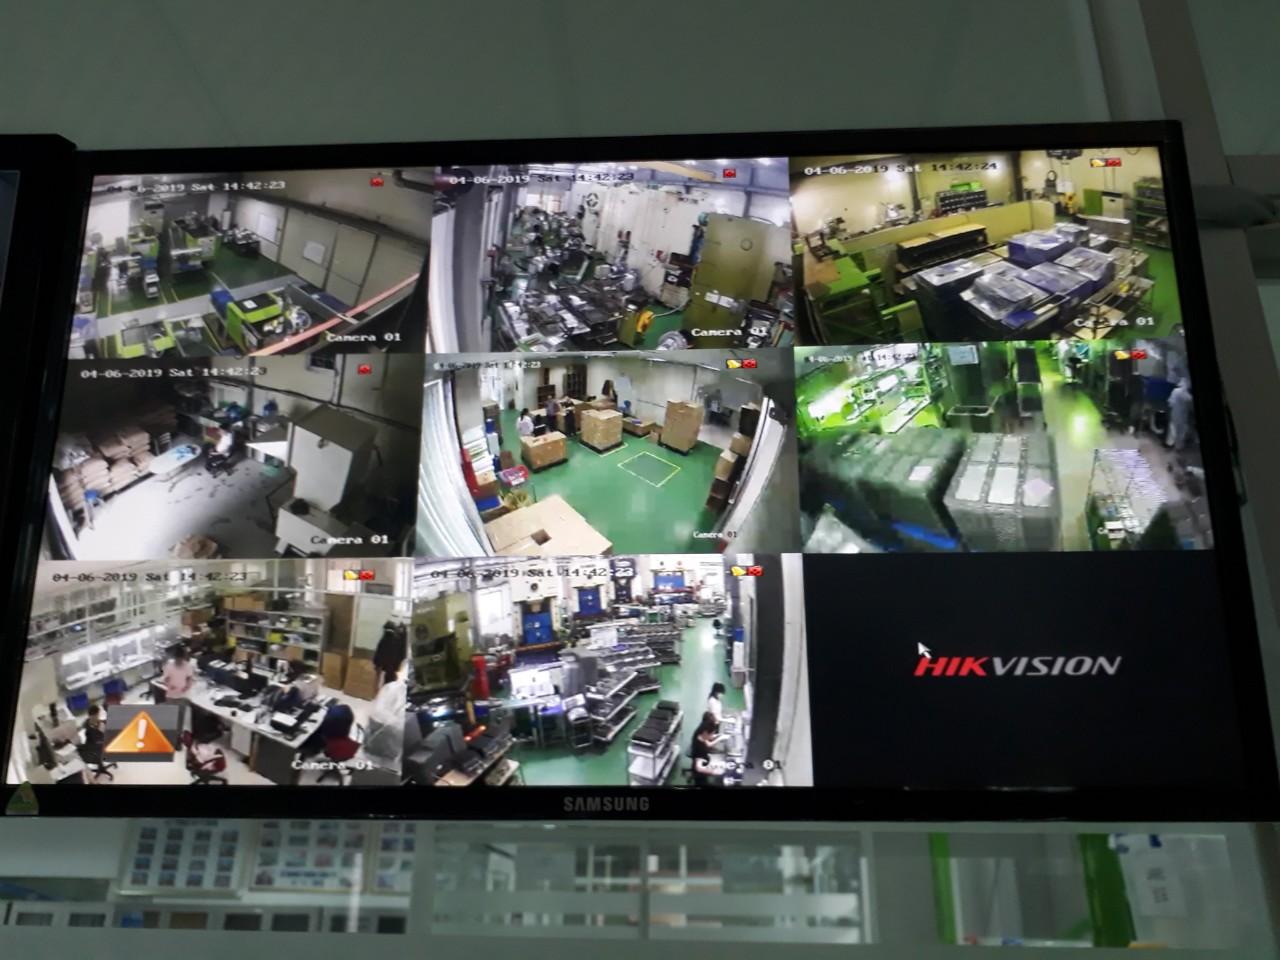 Thi công lắp đặt hệ thống camera quan sát cho công ty DongSan